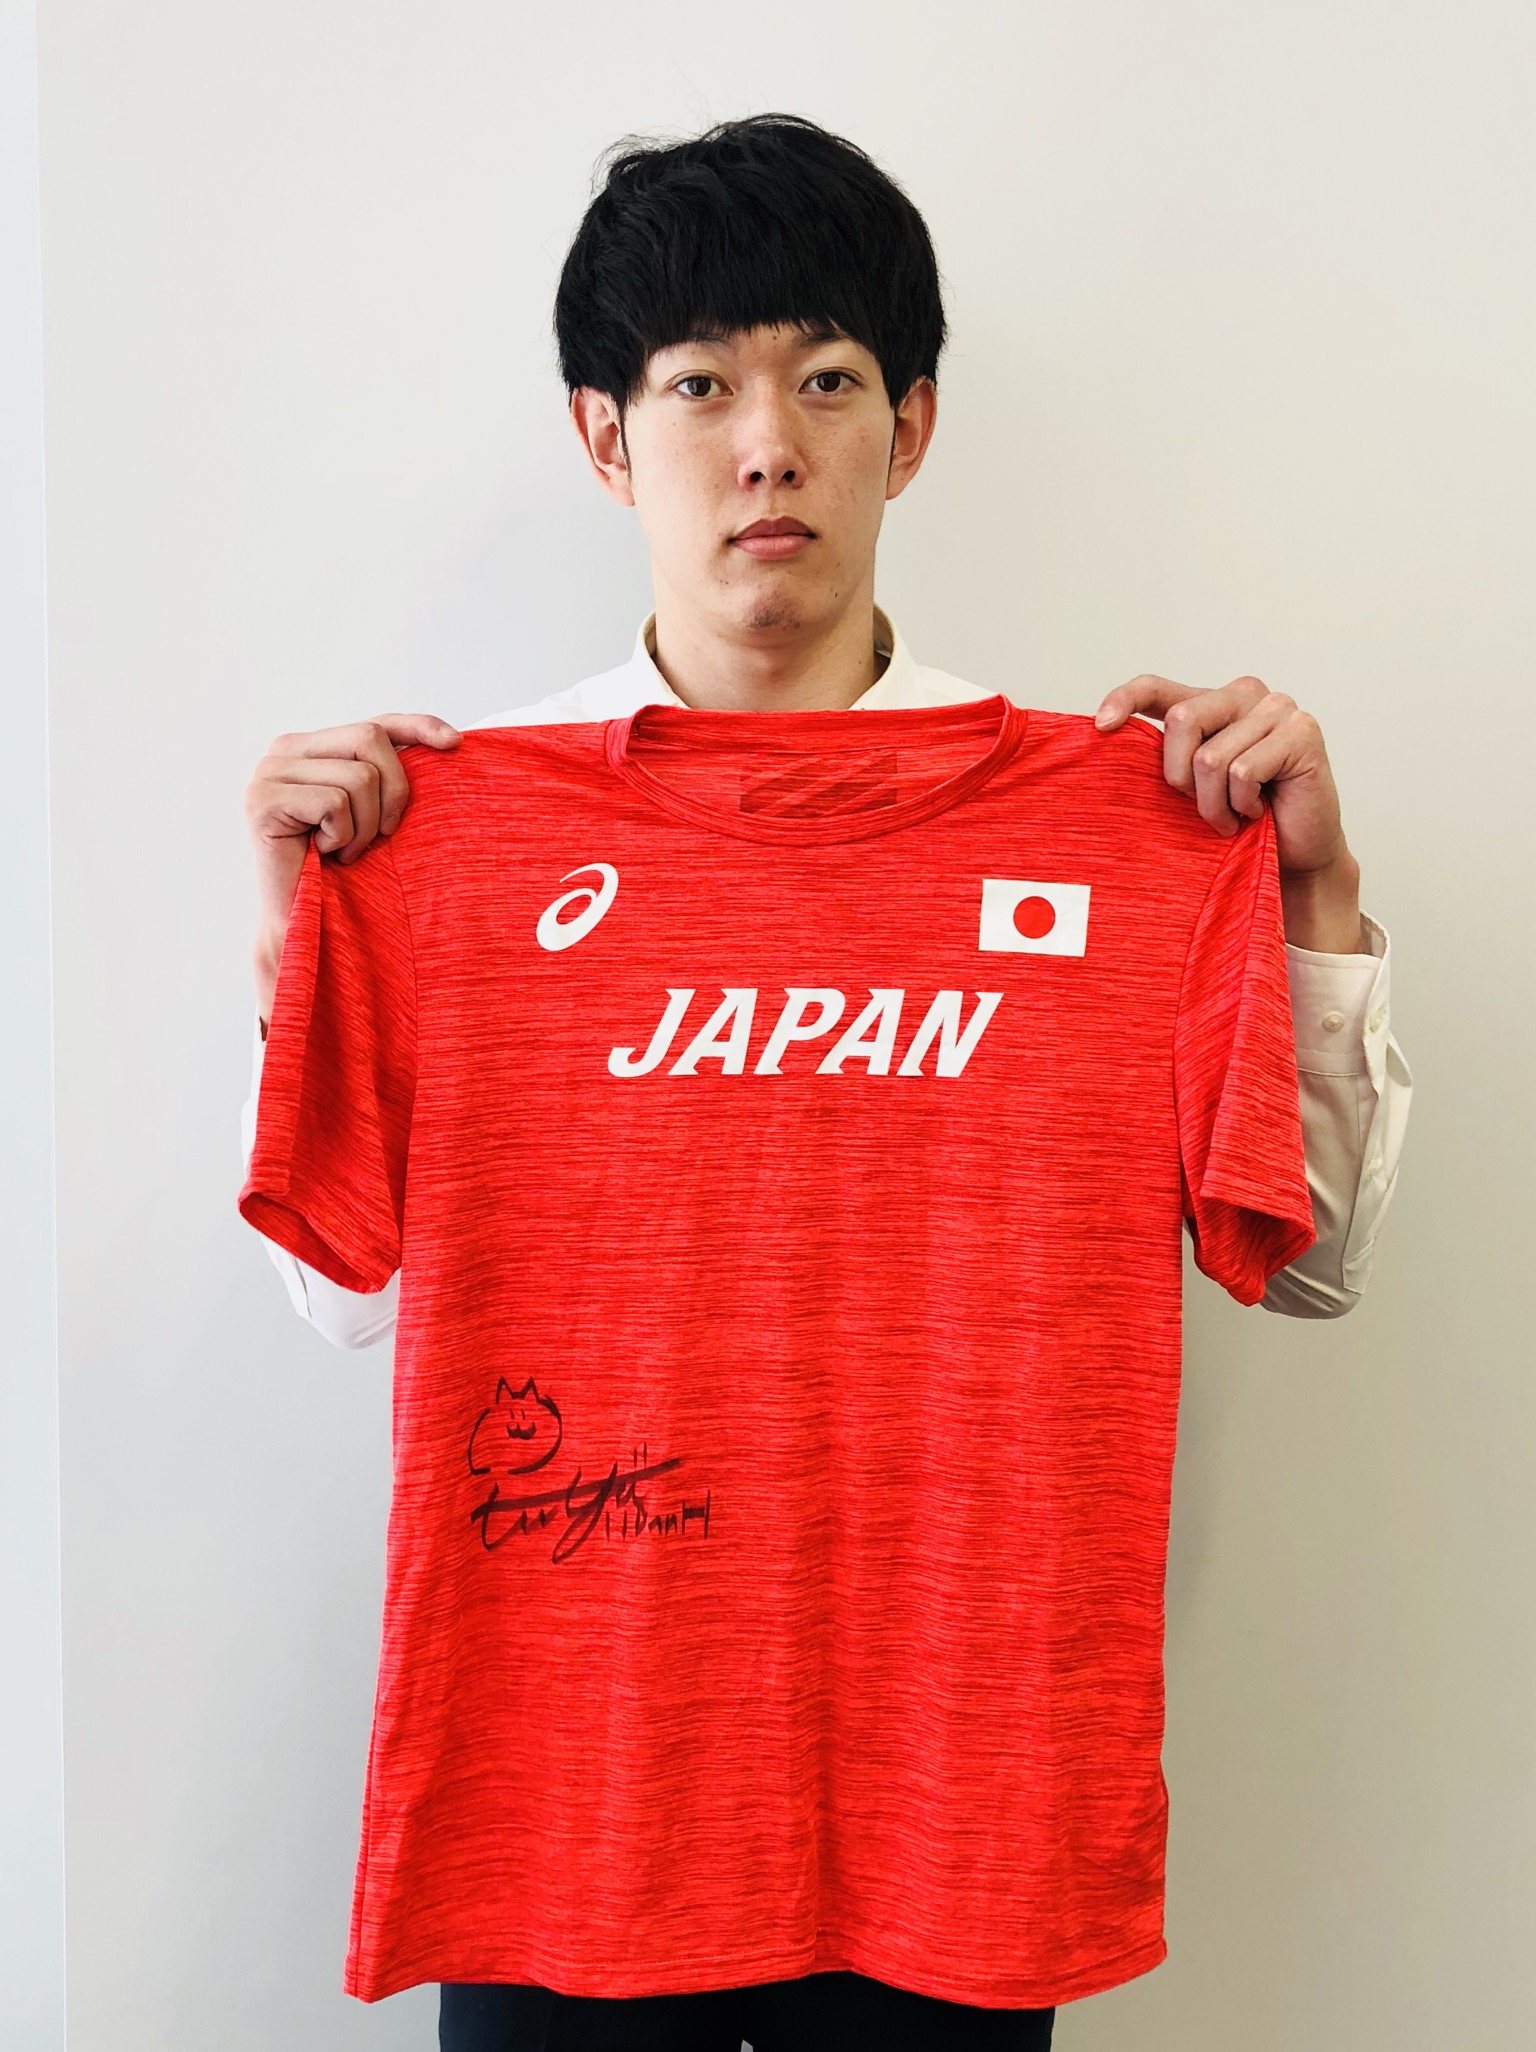 【日本陸連公式】 高山 峻野 選手(Tシャツ)